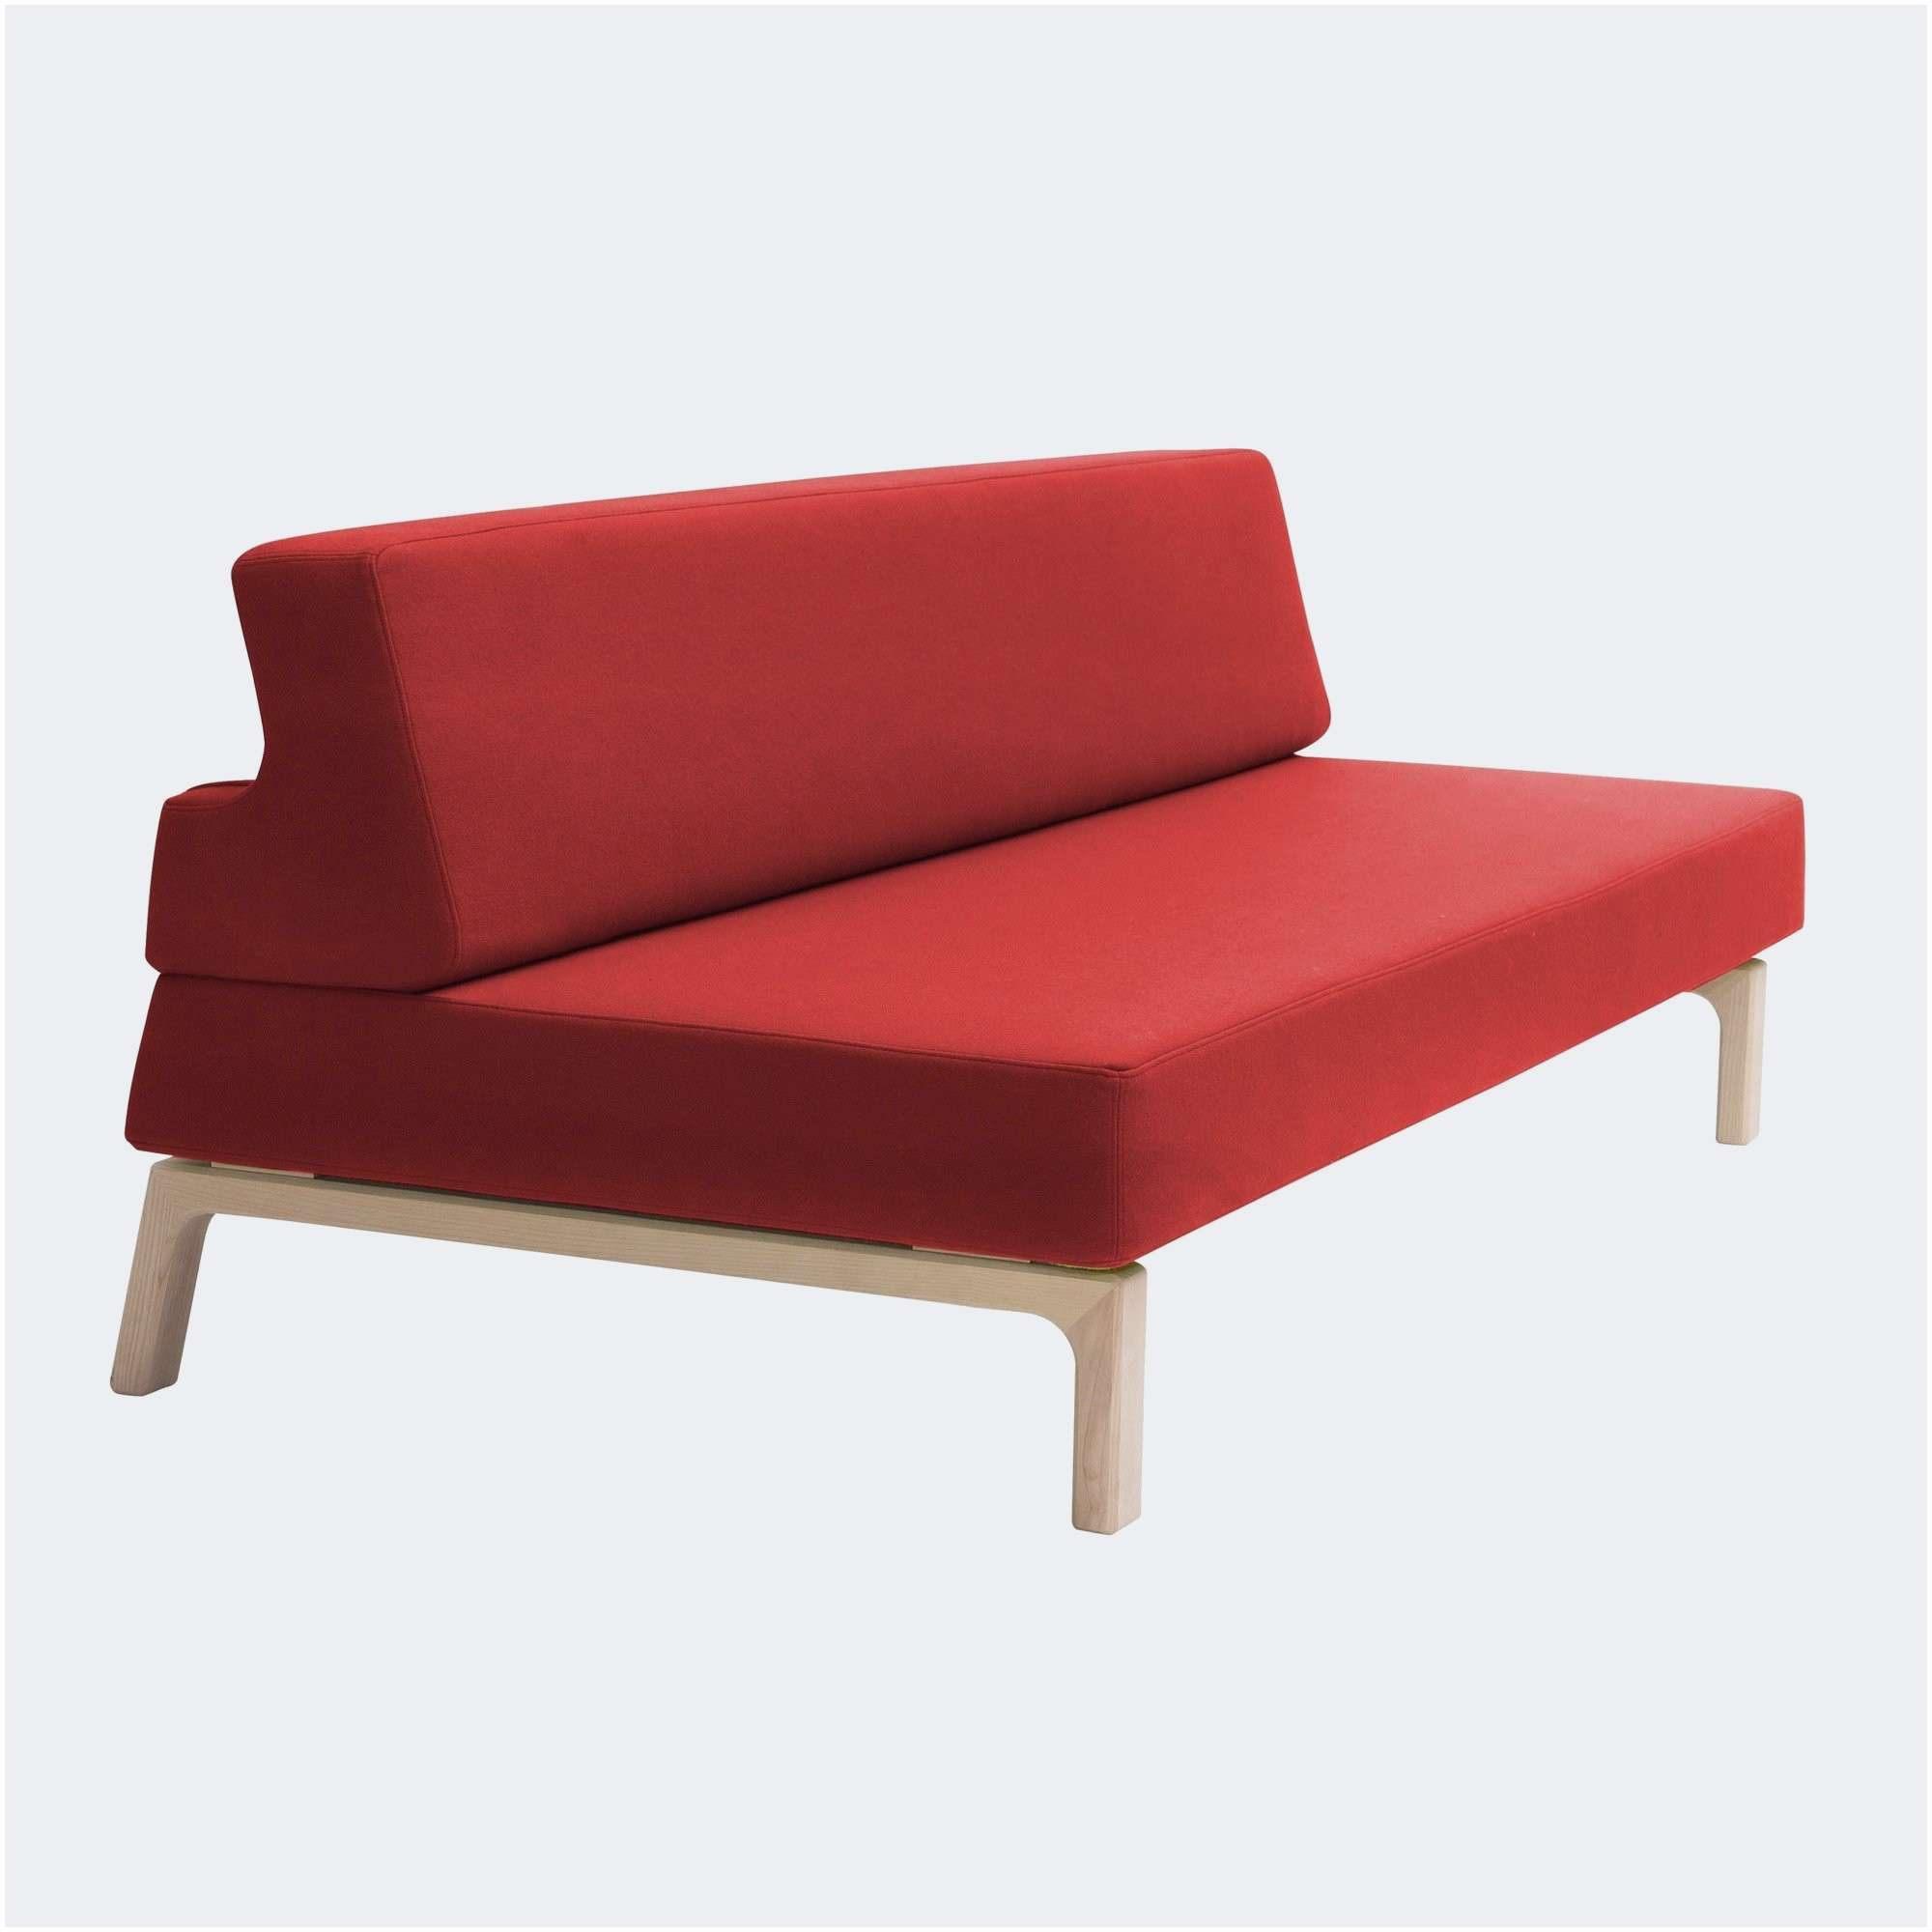 Lit Superposé 3 Places but Agréable Nouveau Canapé 2 Angles Canap Lit Rouge 3 C3 A9 Design Tgm872 ton